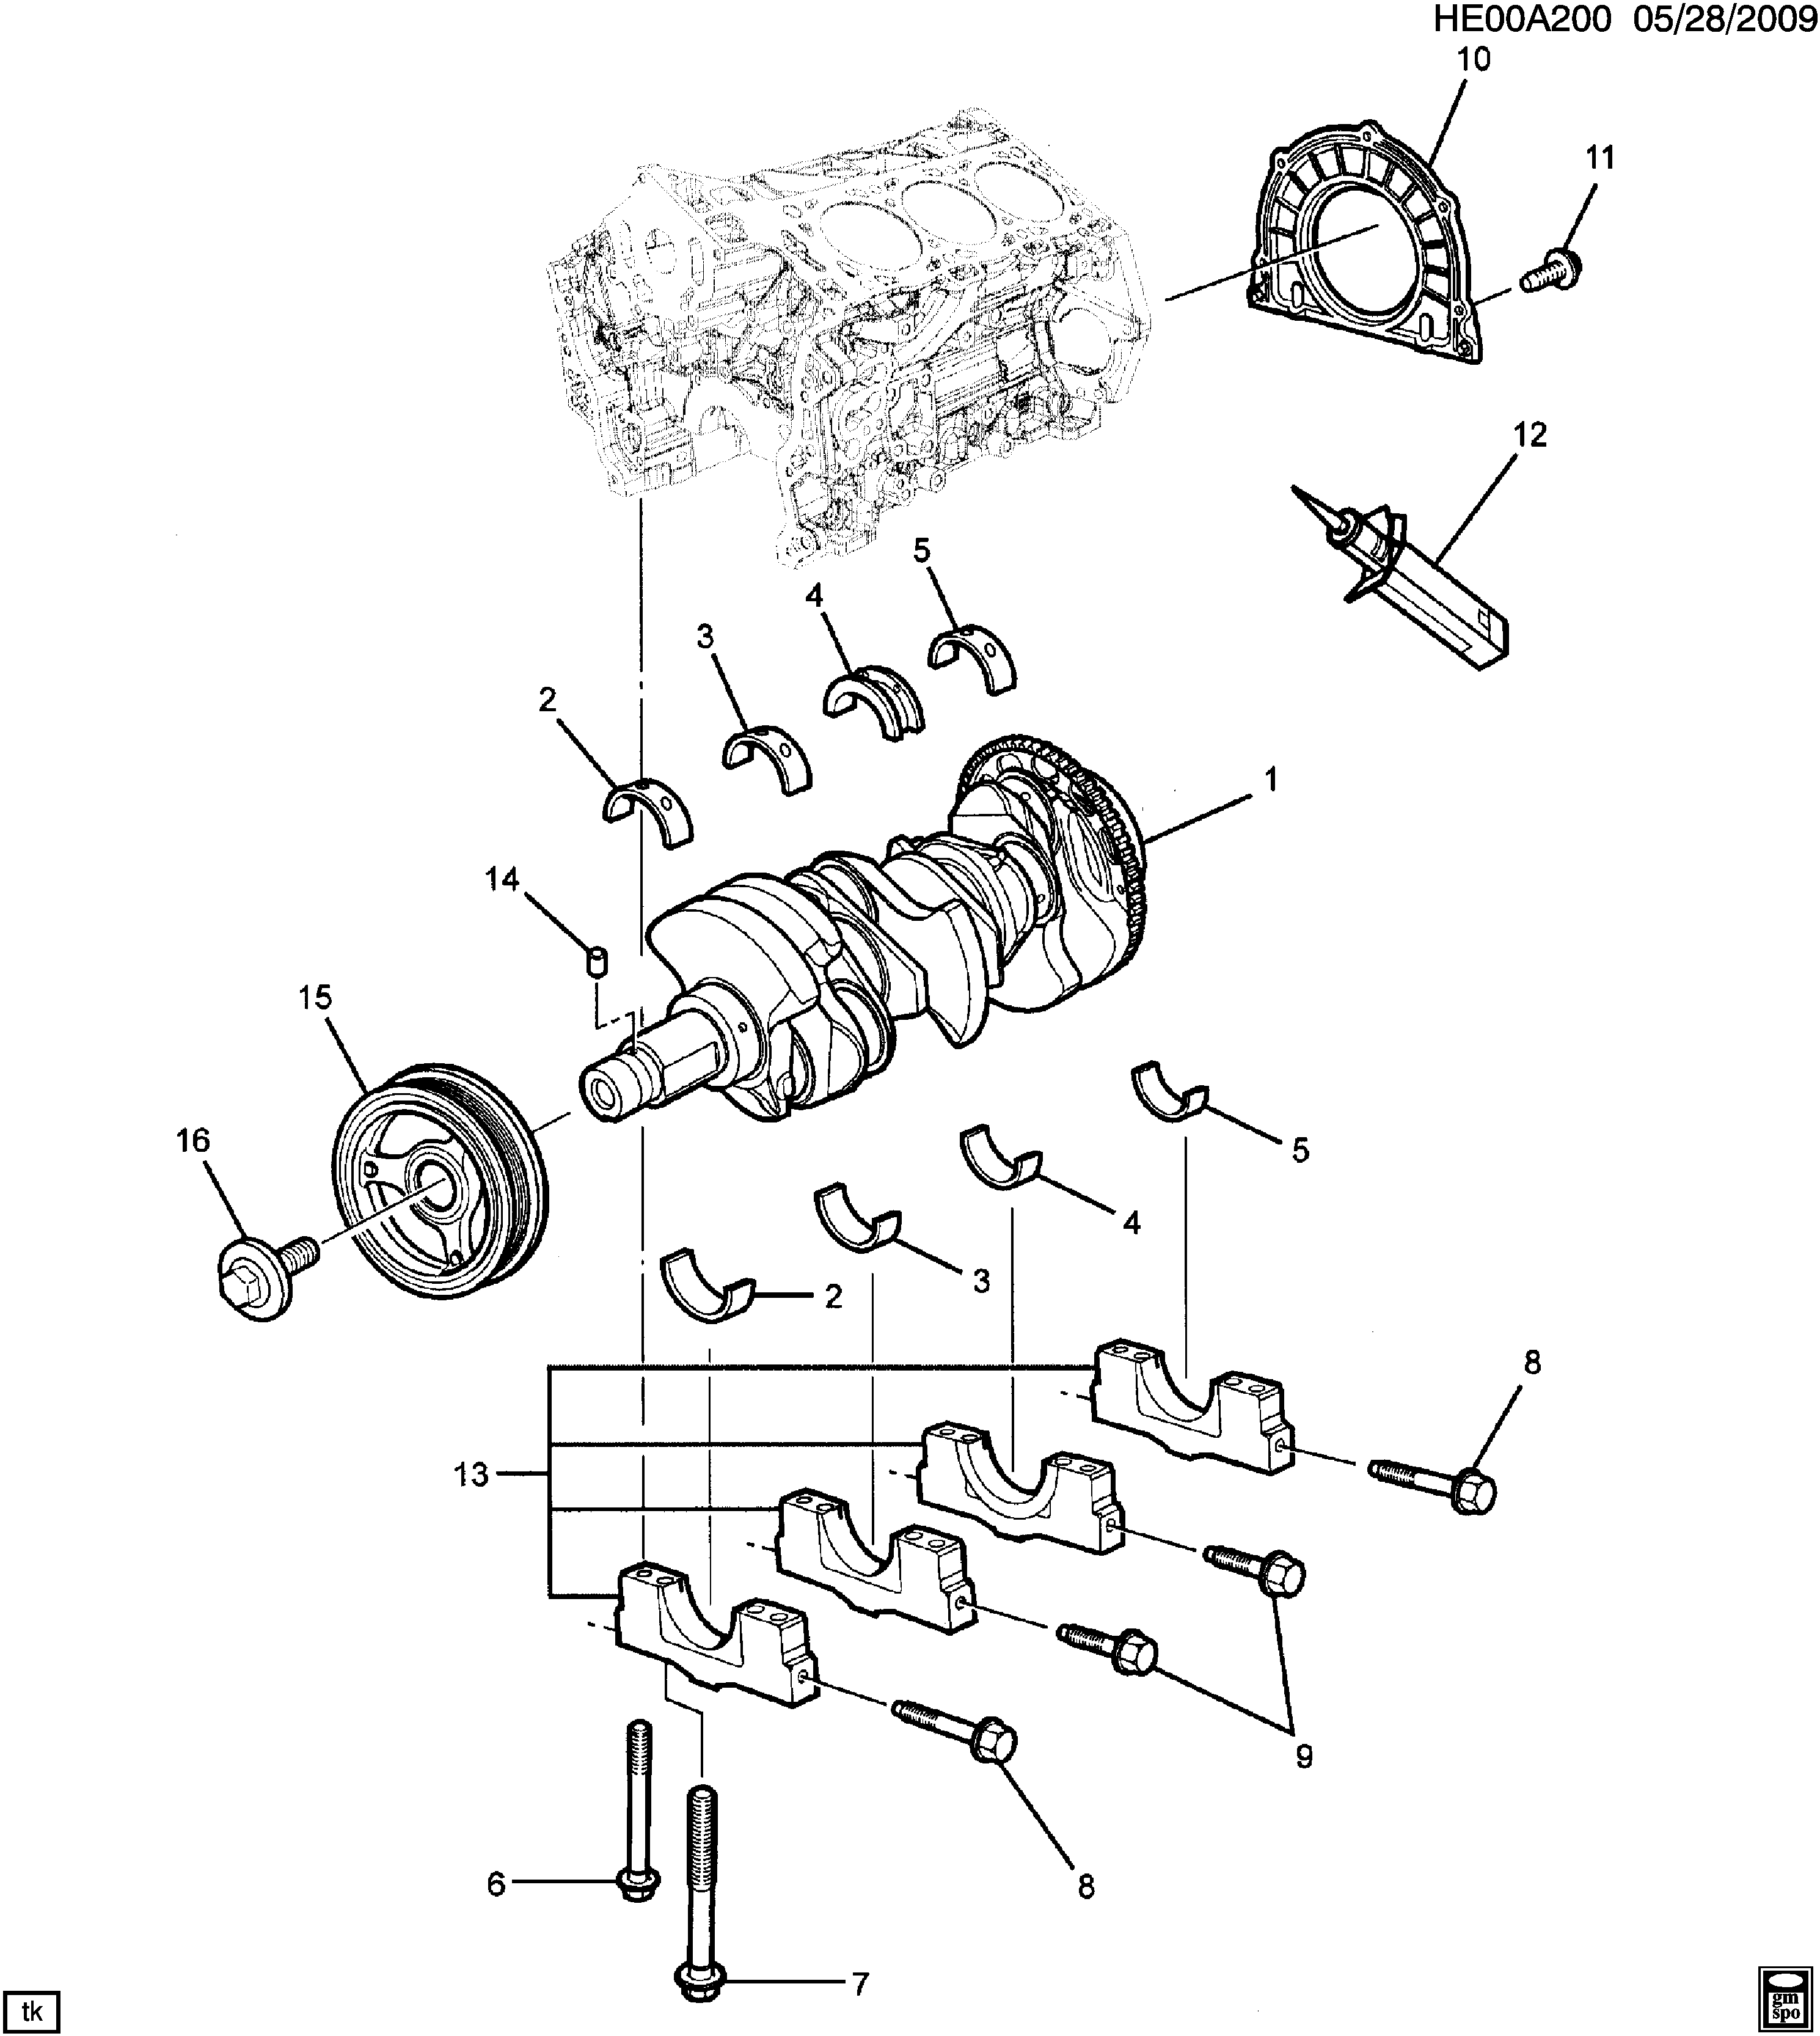 pontiac g8 - e engine asm-3.6l v6 crankshaft (ly7/3.6-7) > epc online >  nemiga.com  parts catalogs